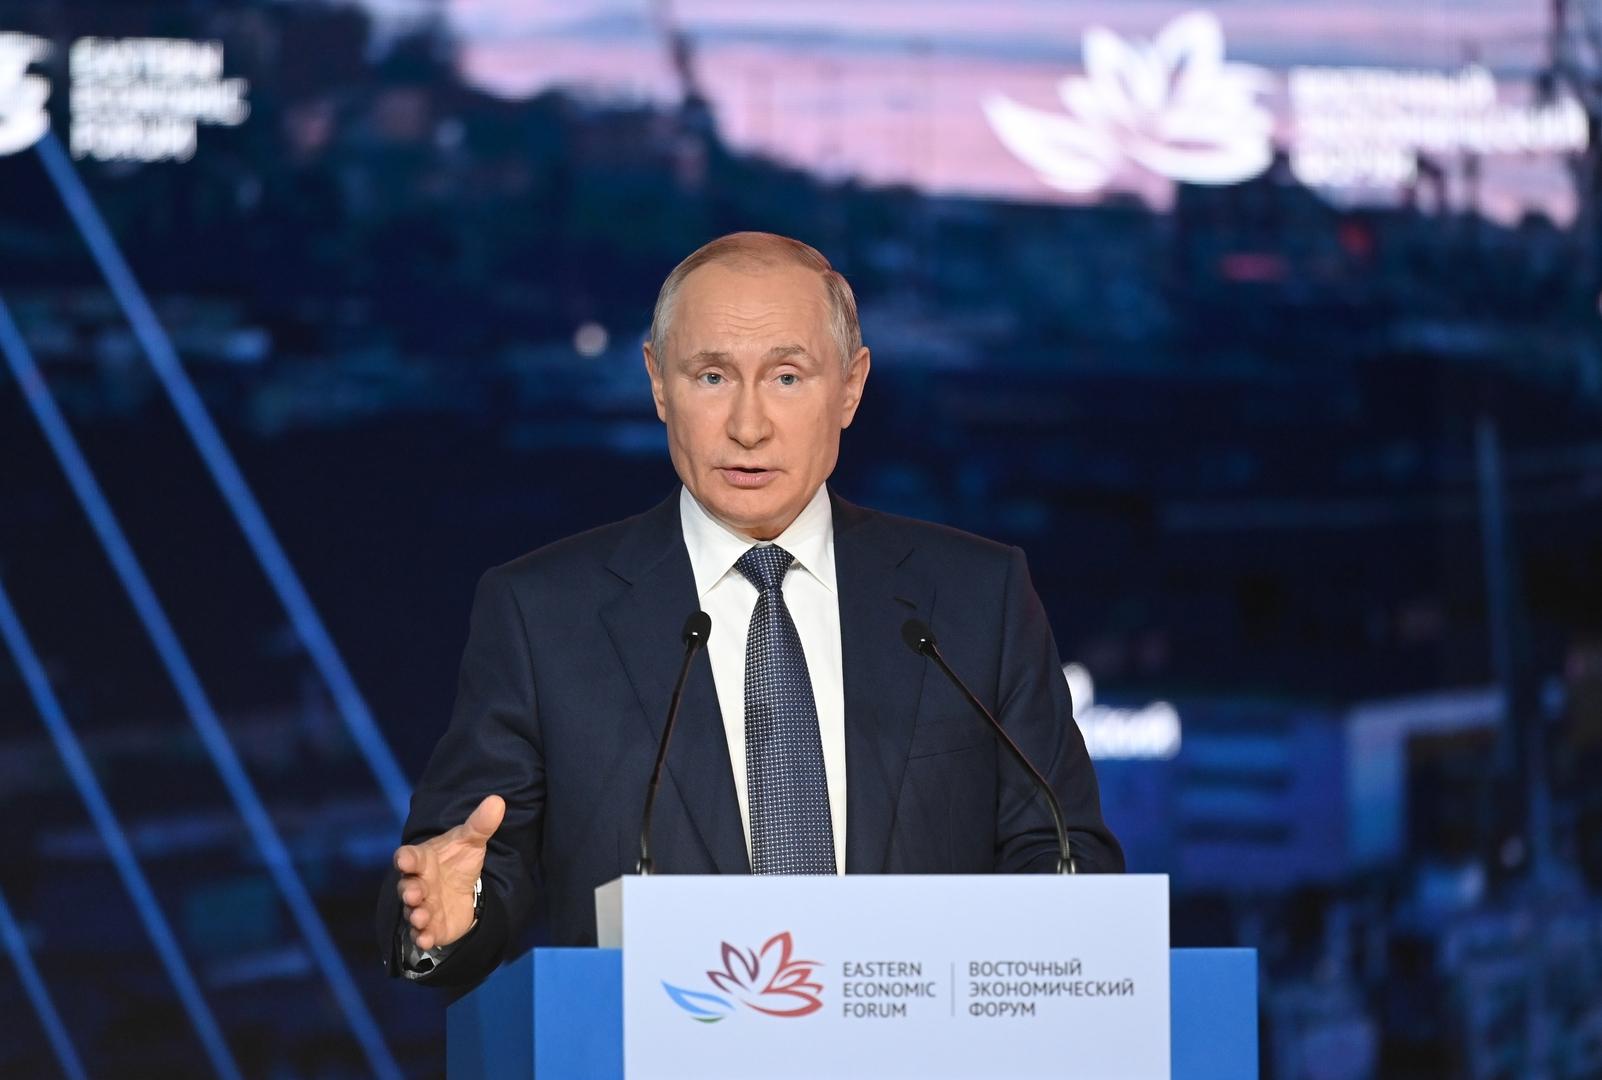 الرئيس الروسي فلاديمير بوتين في الجلسة العامة لمنتدى الشرق الاقتصادي